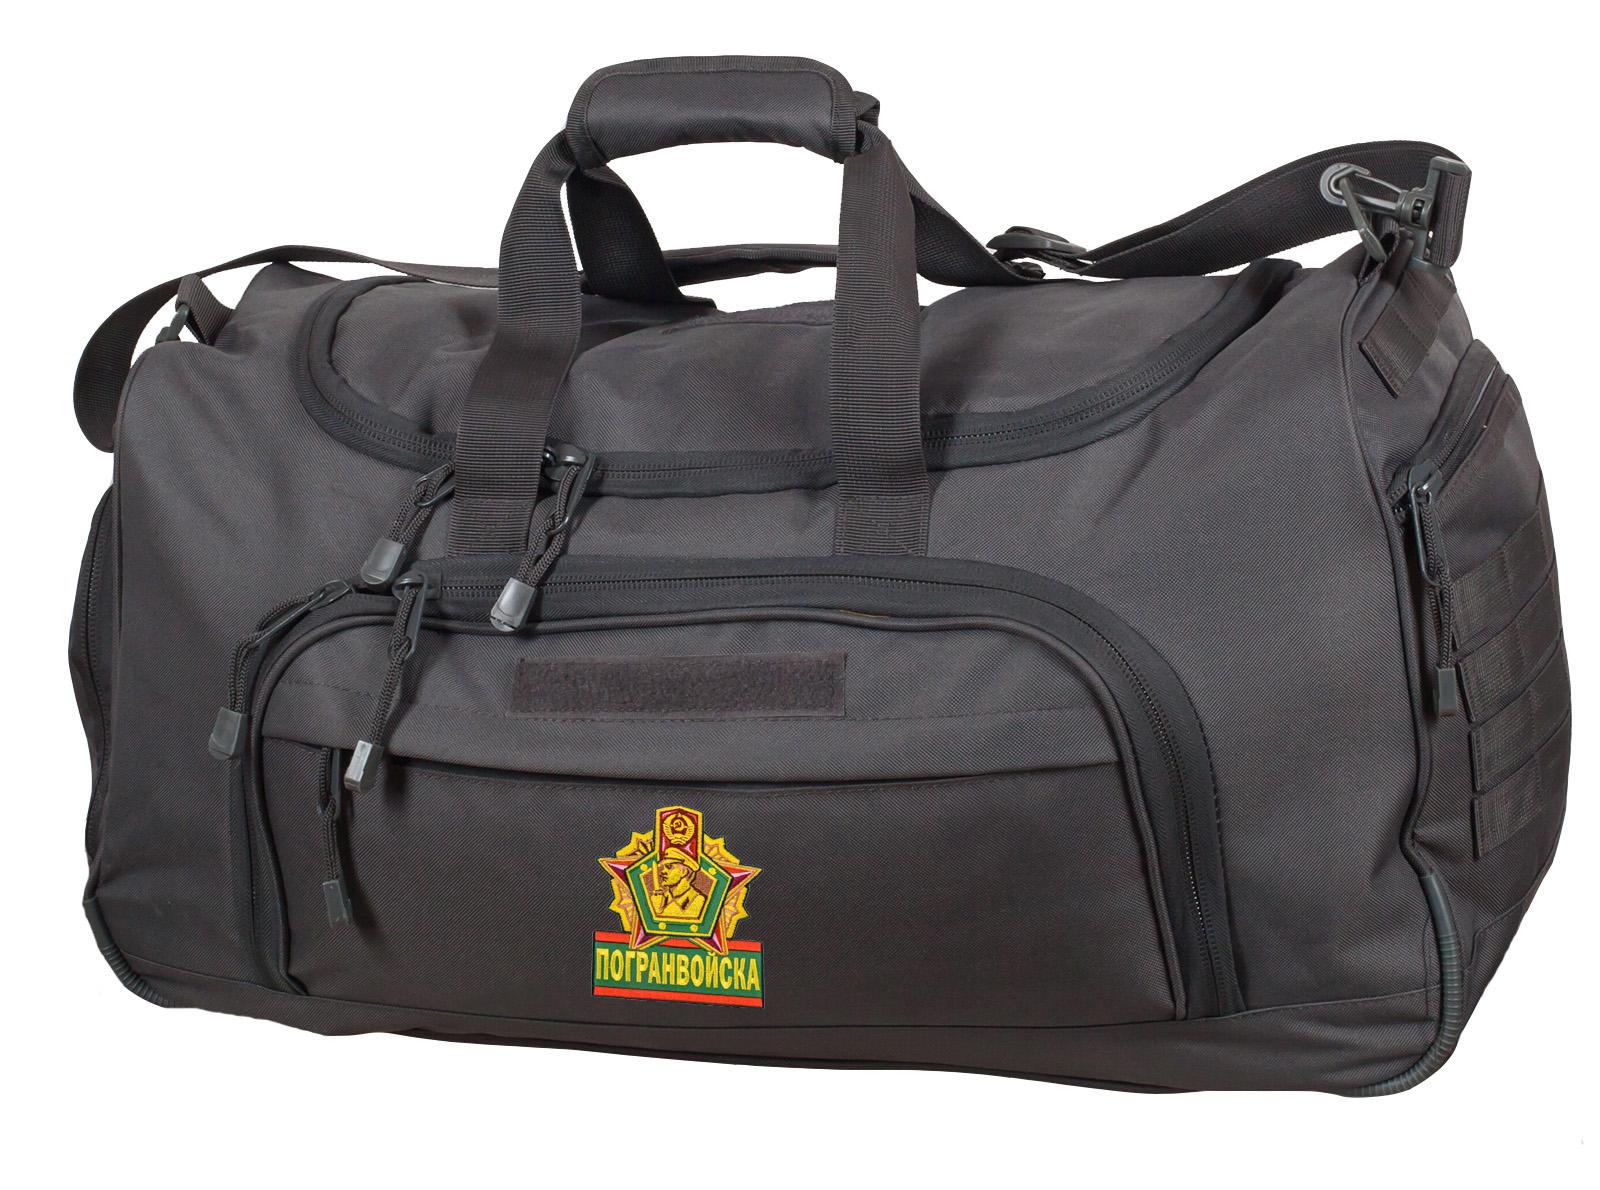 Тревожная темно-серая сумка 08032B с нашивкой Погранвойска - заказать онлайн